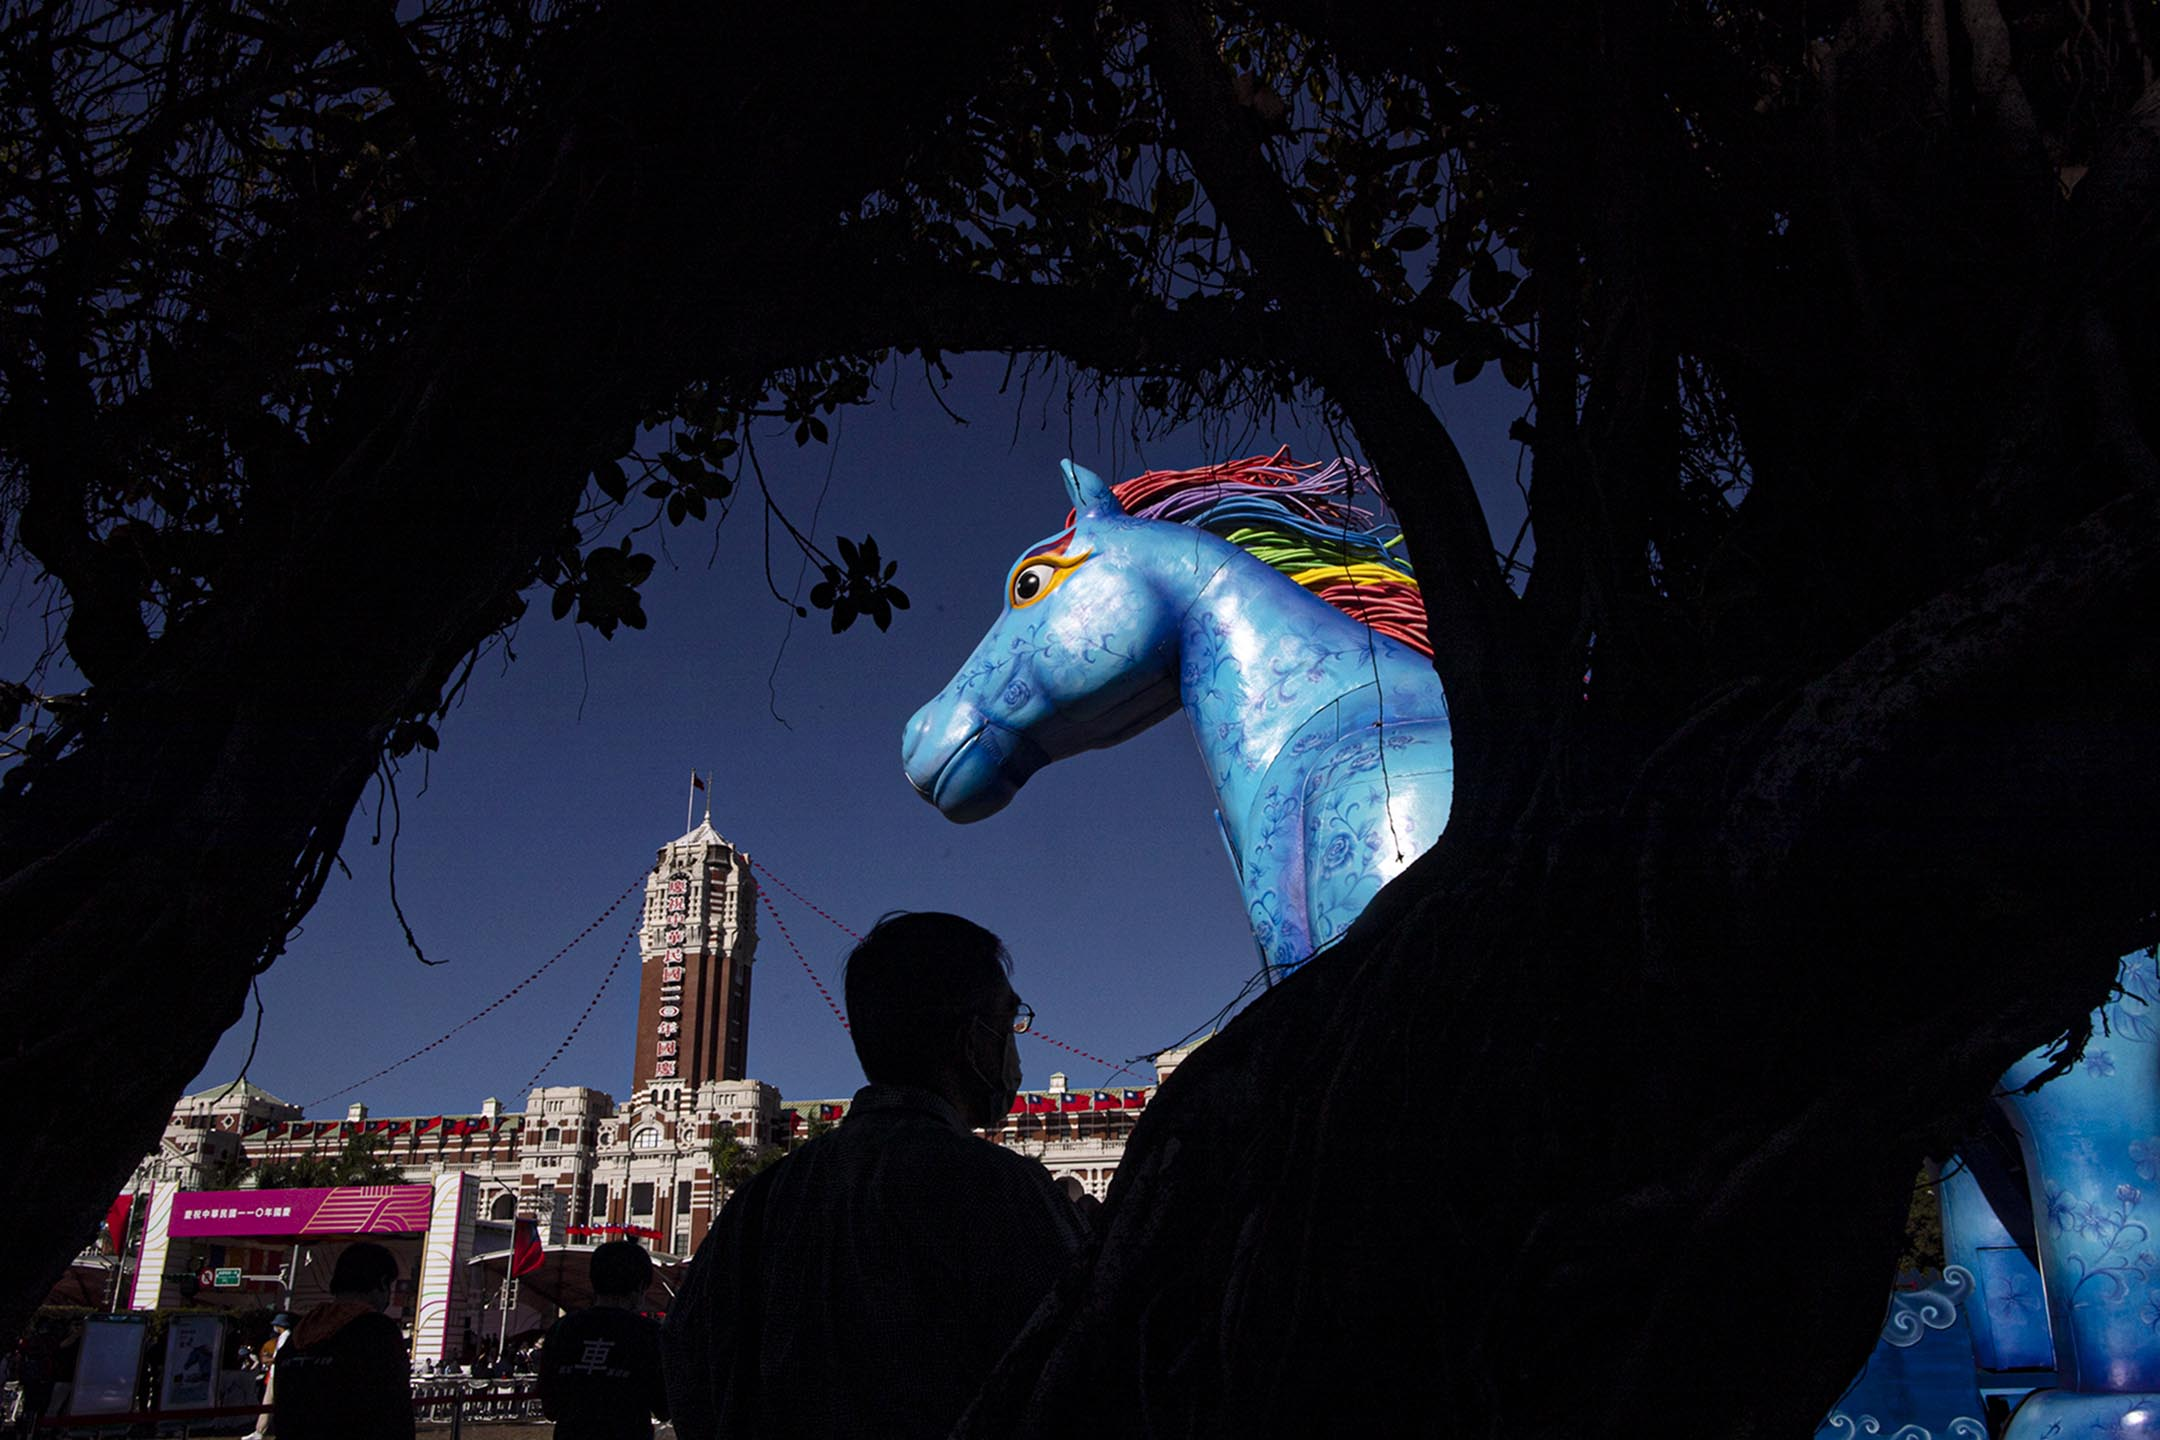 2021年10月10日台北,蔡英文總統於雙十節國慶大會。